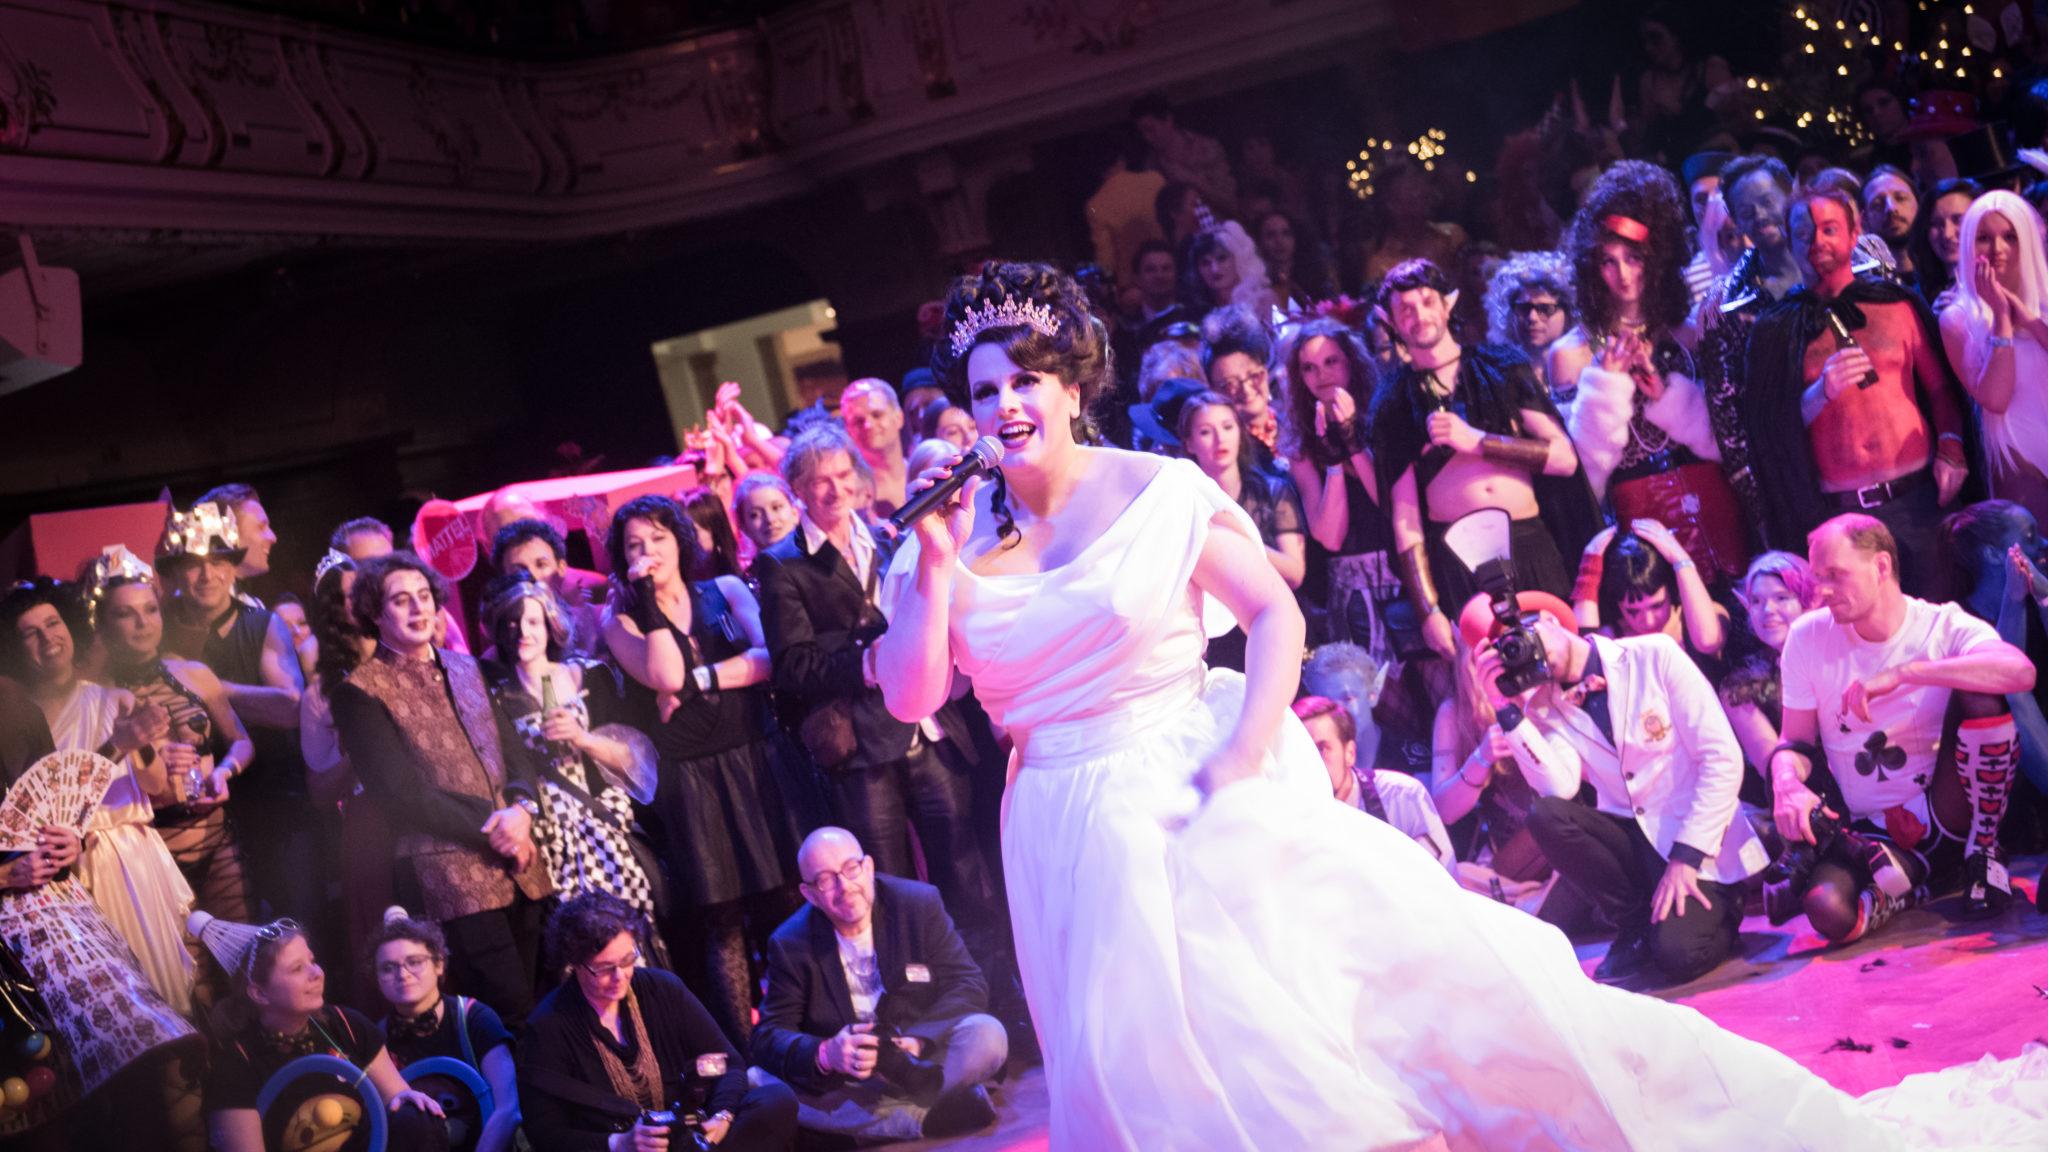 Miss Alexandra Desmond singt bei Eröffnung. Foto: Andy Joe